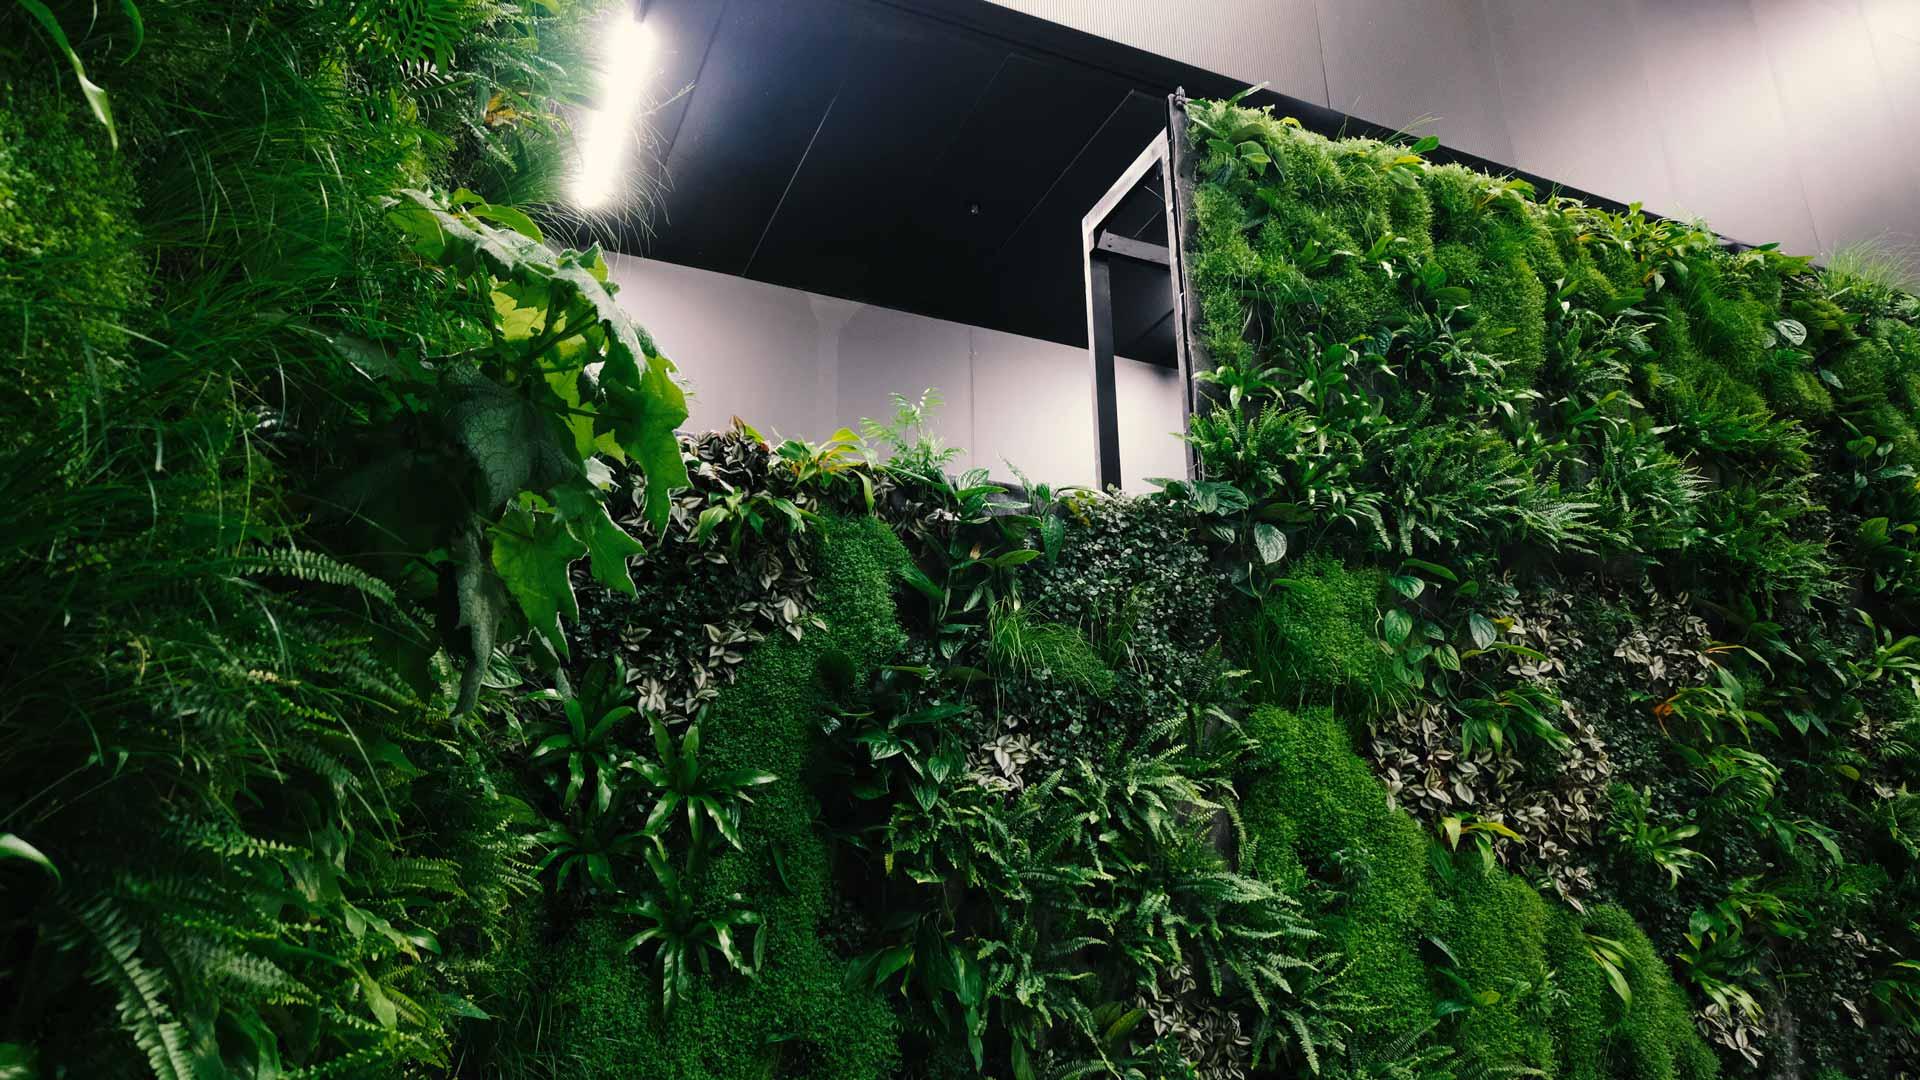 Swissbau 2020 - grösste, modulare und mobile Pflanzenwand